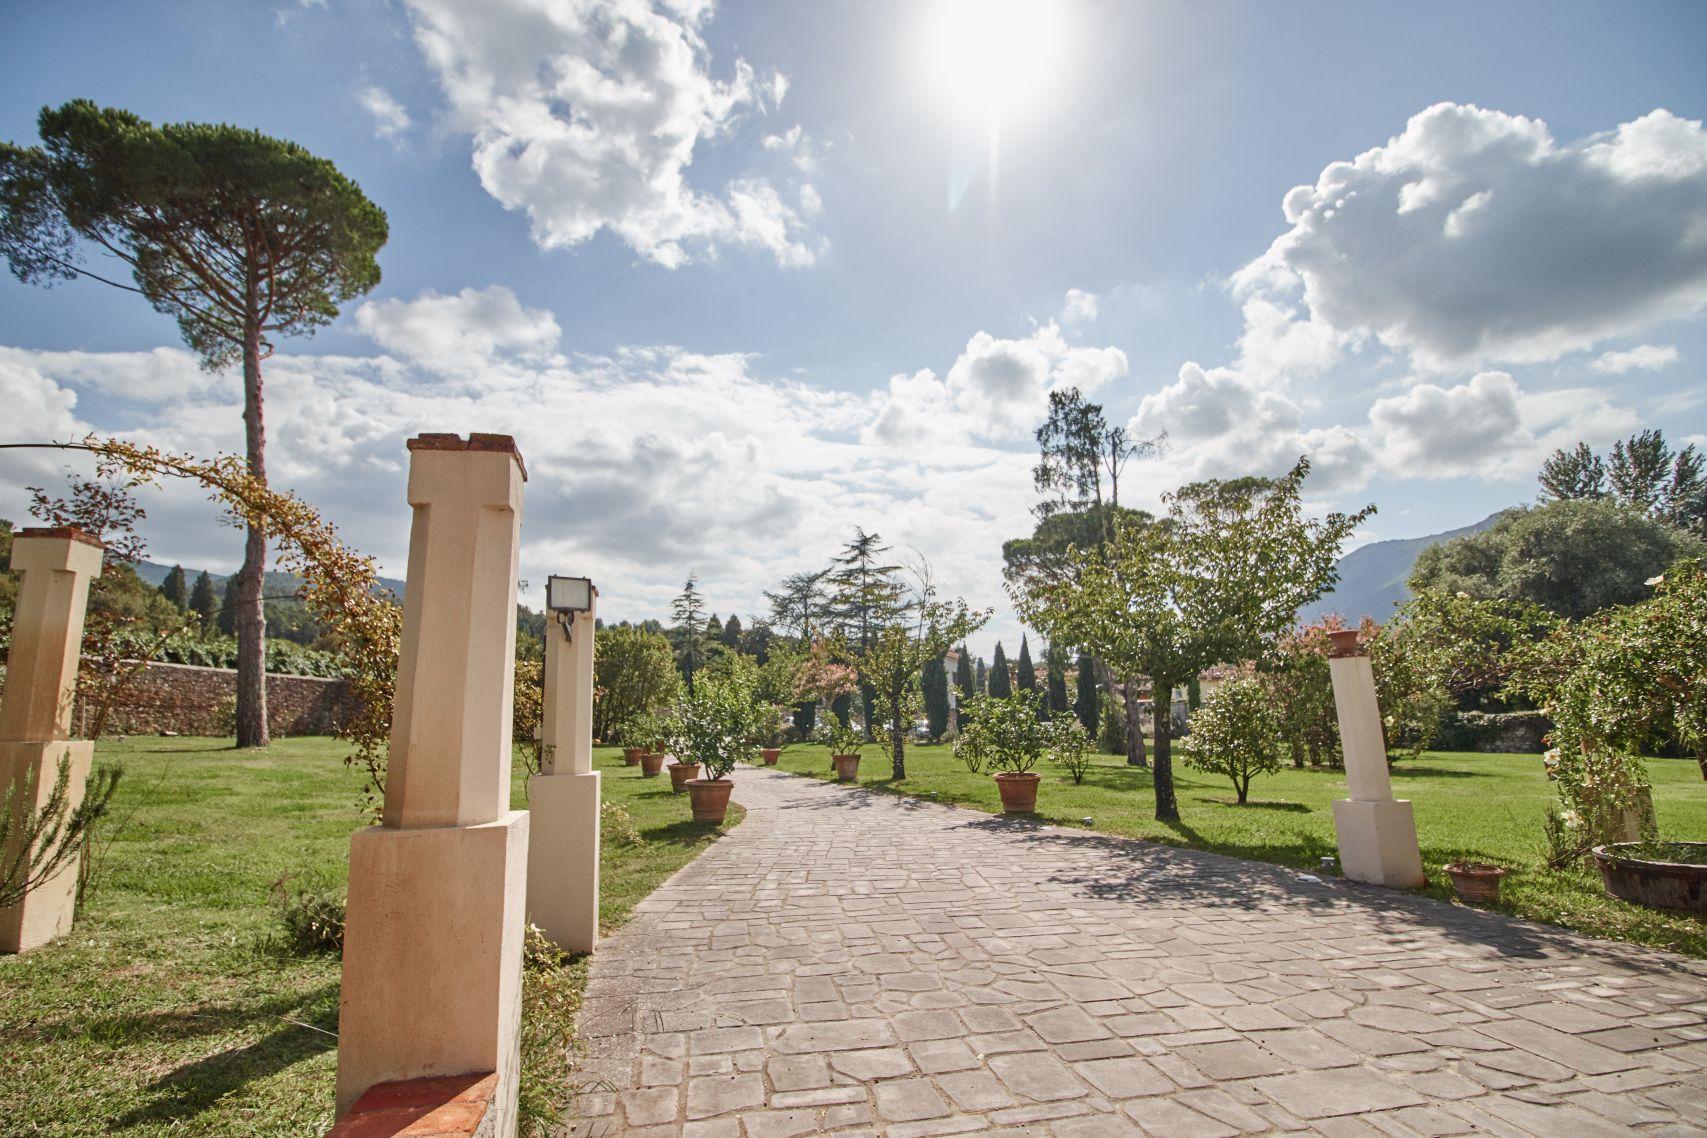 Albergo Villa Marta als Stopp vom Toskana Roadtrip